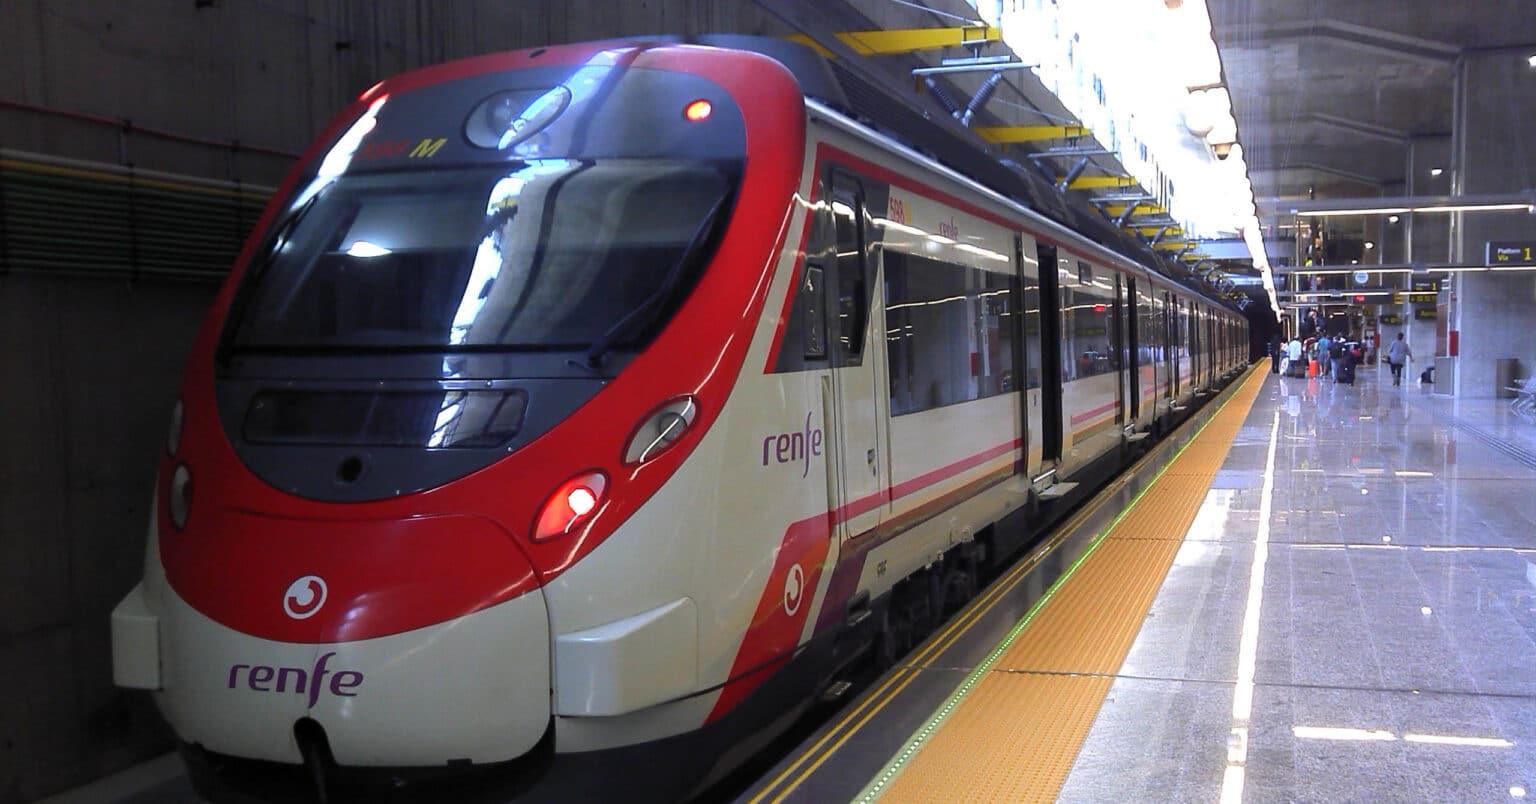 Unidad Civia de Cercanías Madrid estacionada en Aeropuerto-T4. Nótese en la catenaria rígida los aislantes propios de los 25 kV 50 Hz. MIGUEL BUSTOS